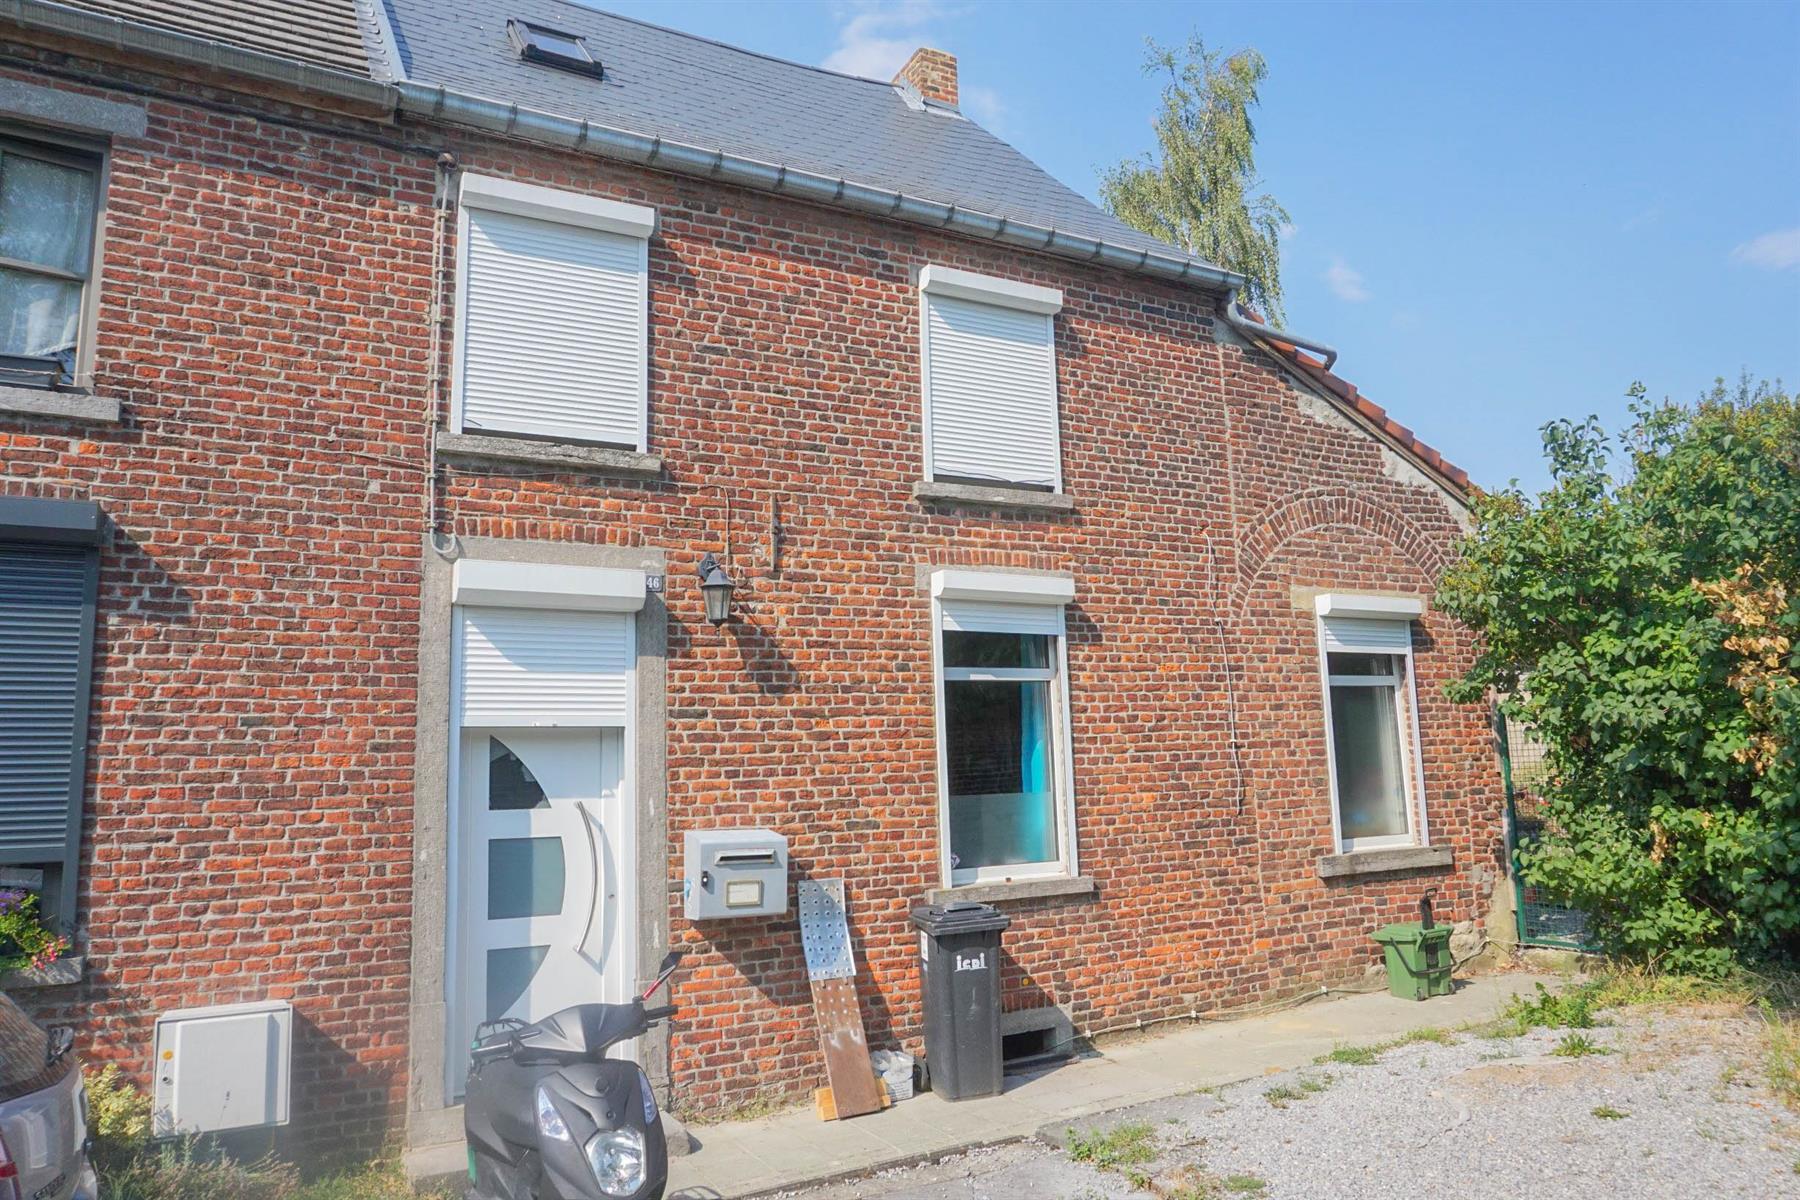 Maison - Gouy-lez-Piéton - #4130191-0